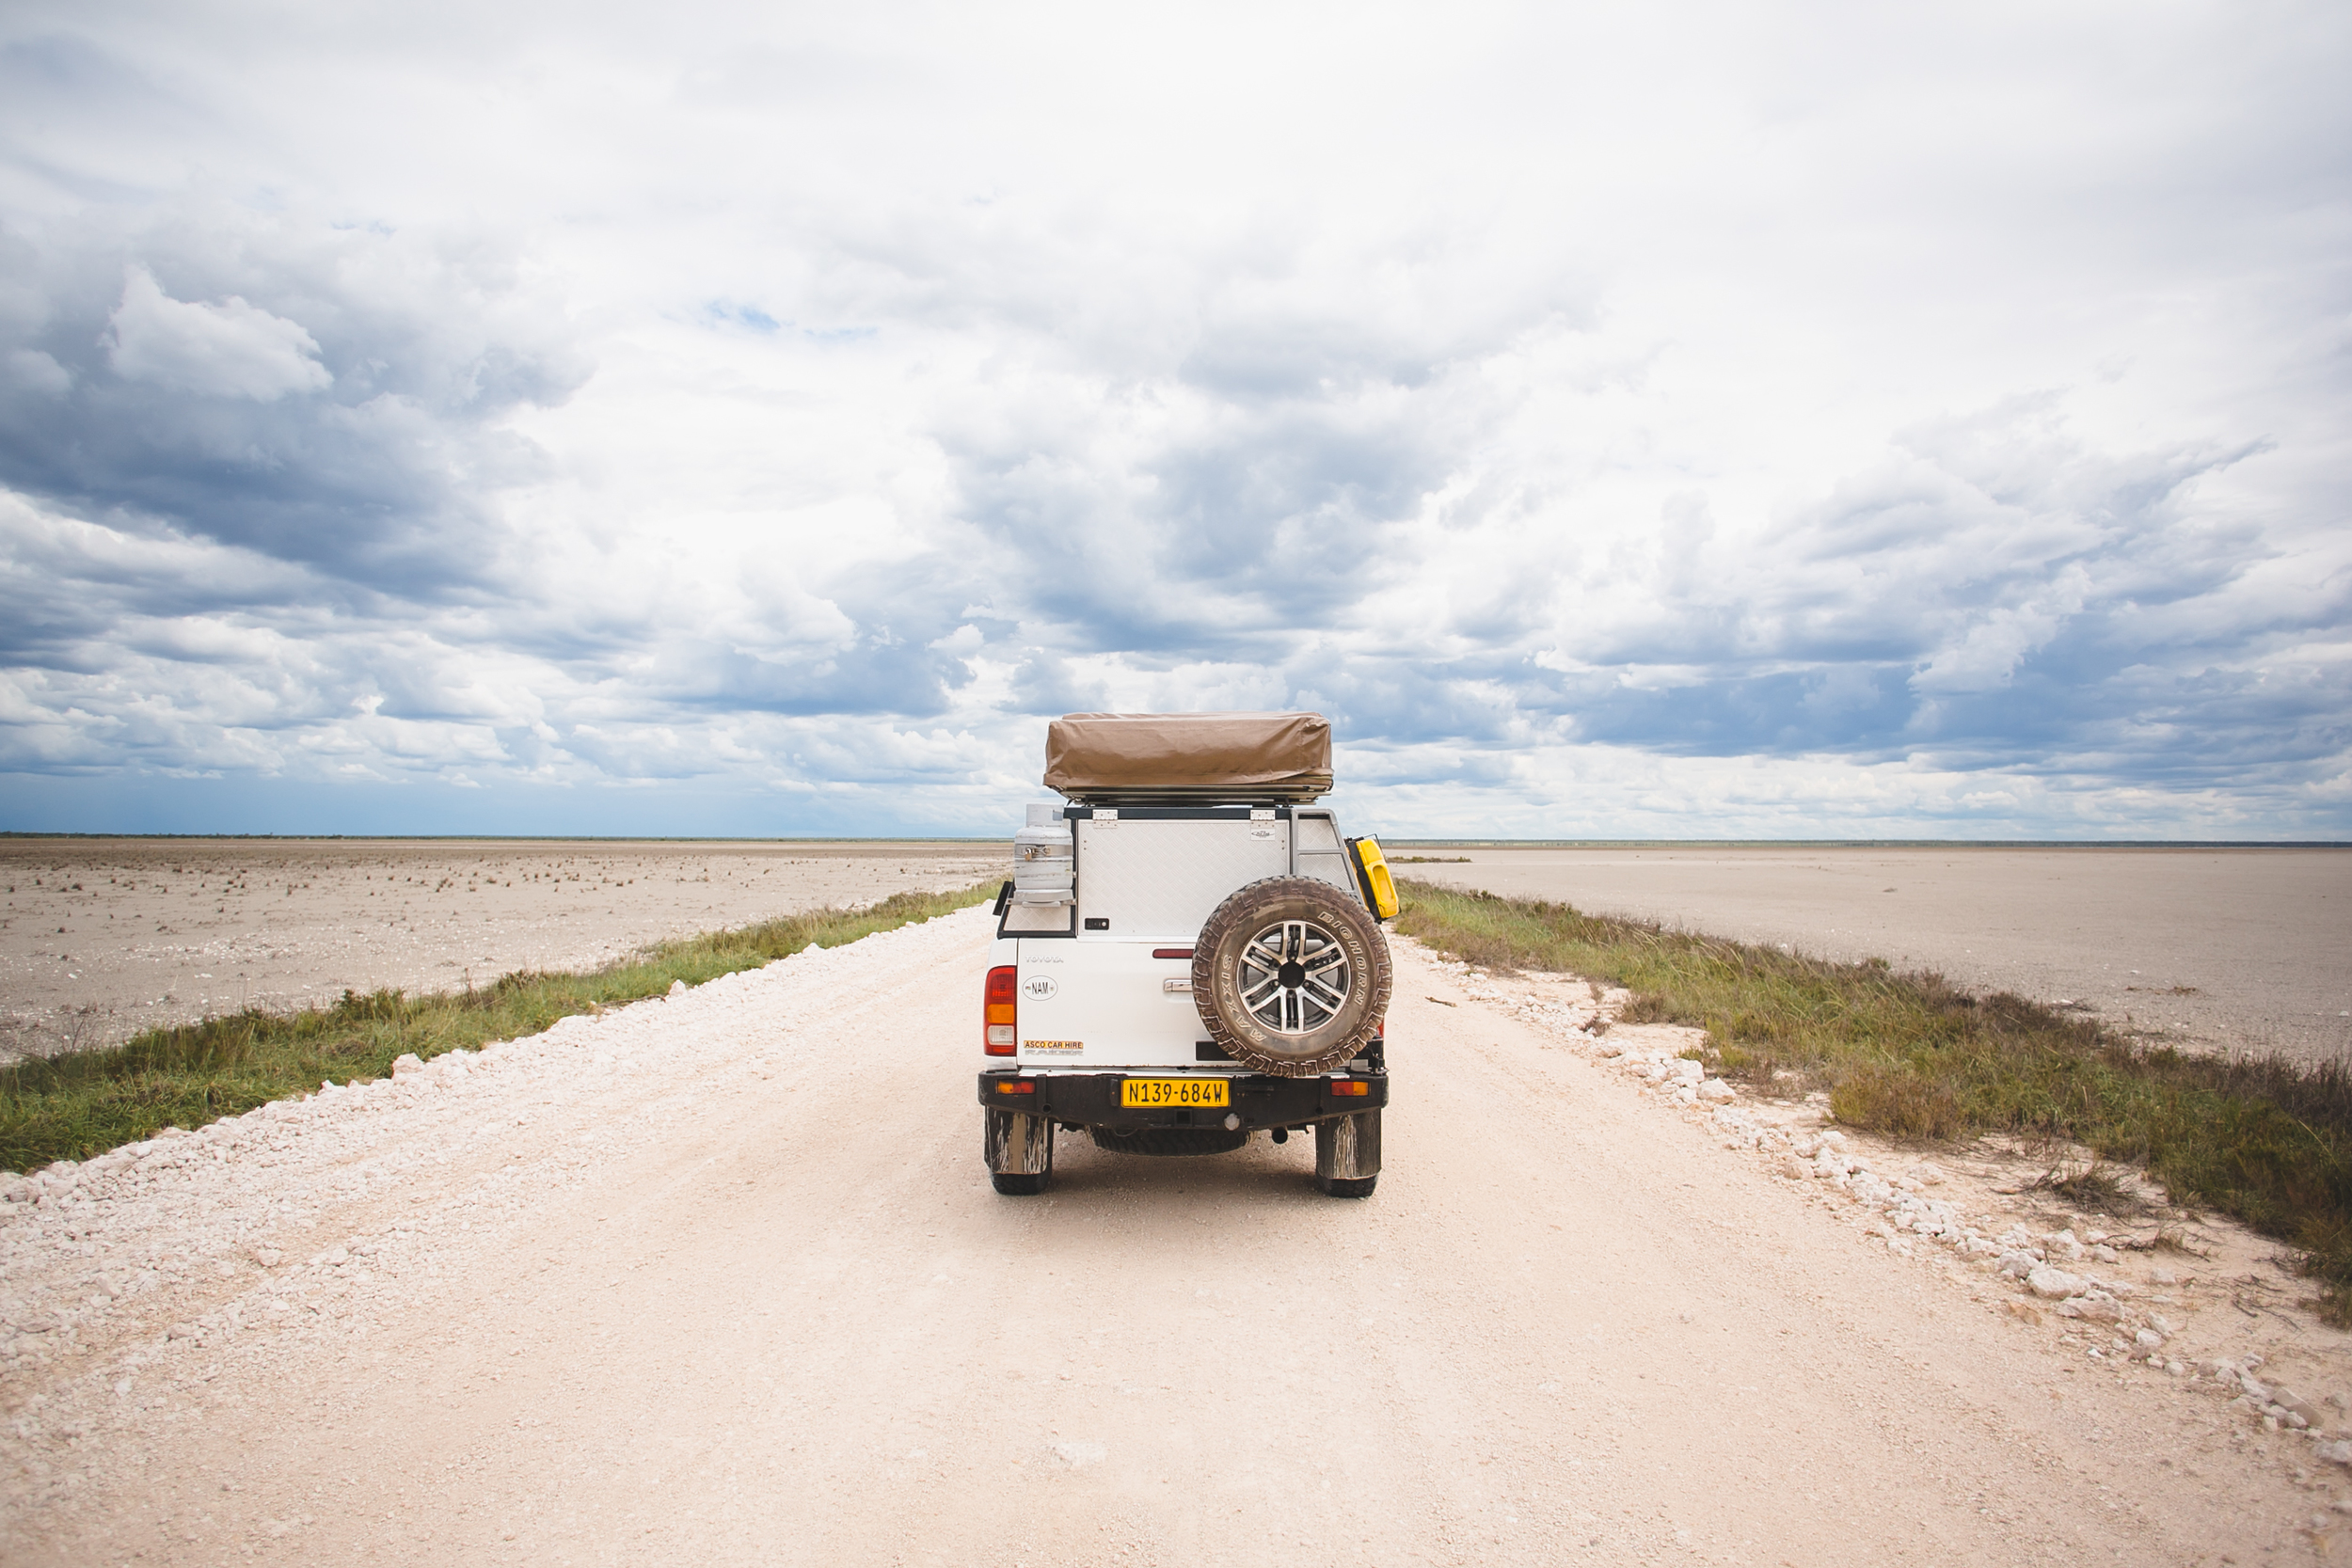 Namibia_Namutoni_Feb6_7005.jpg